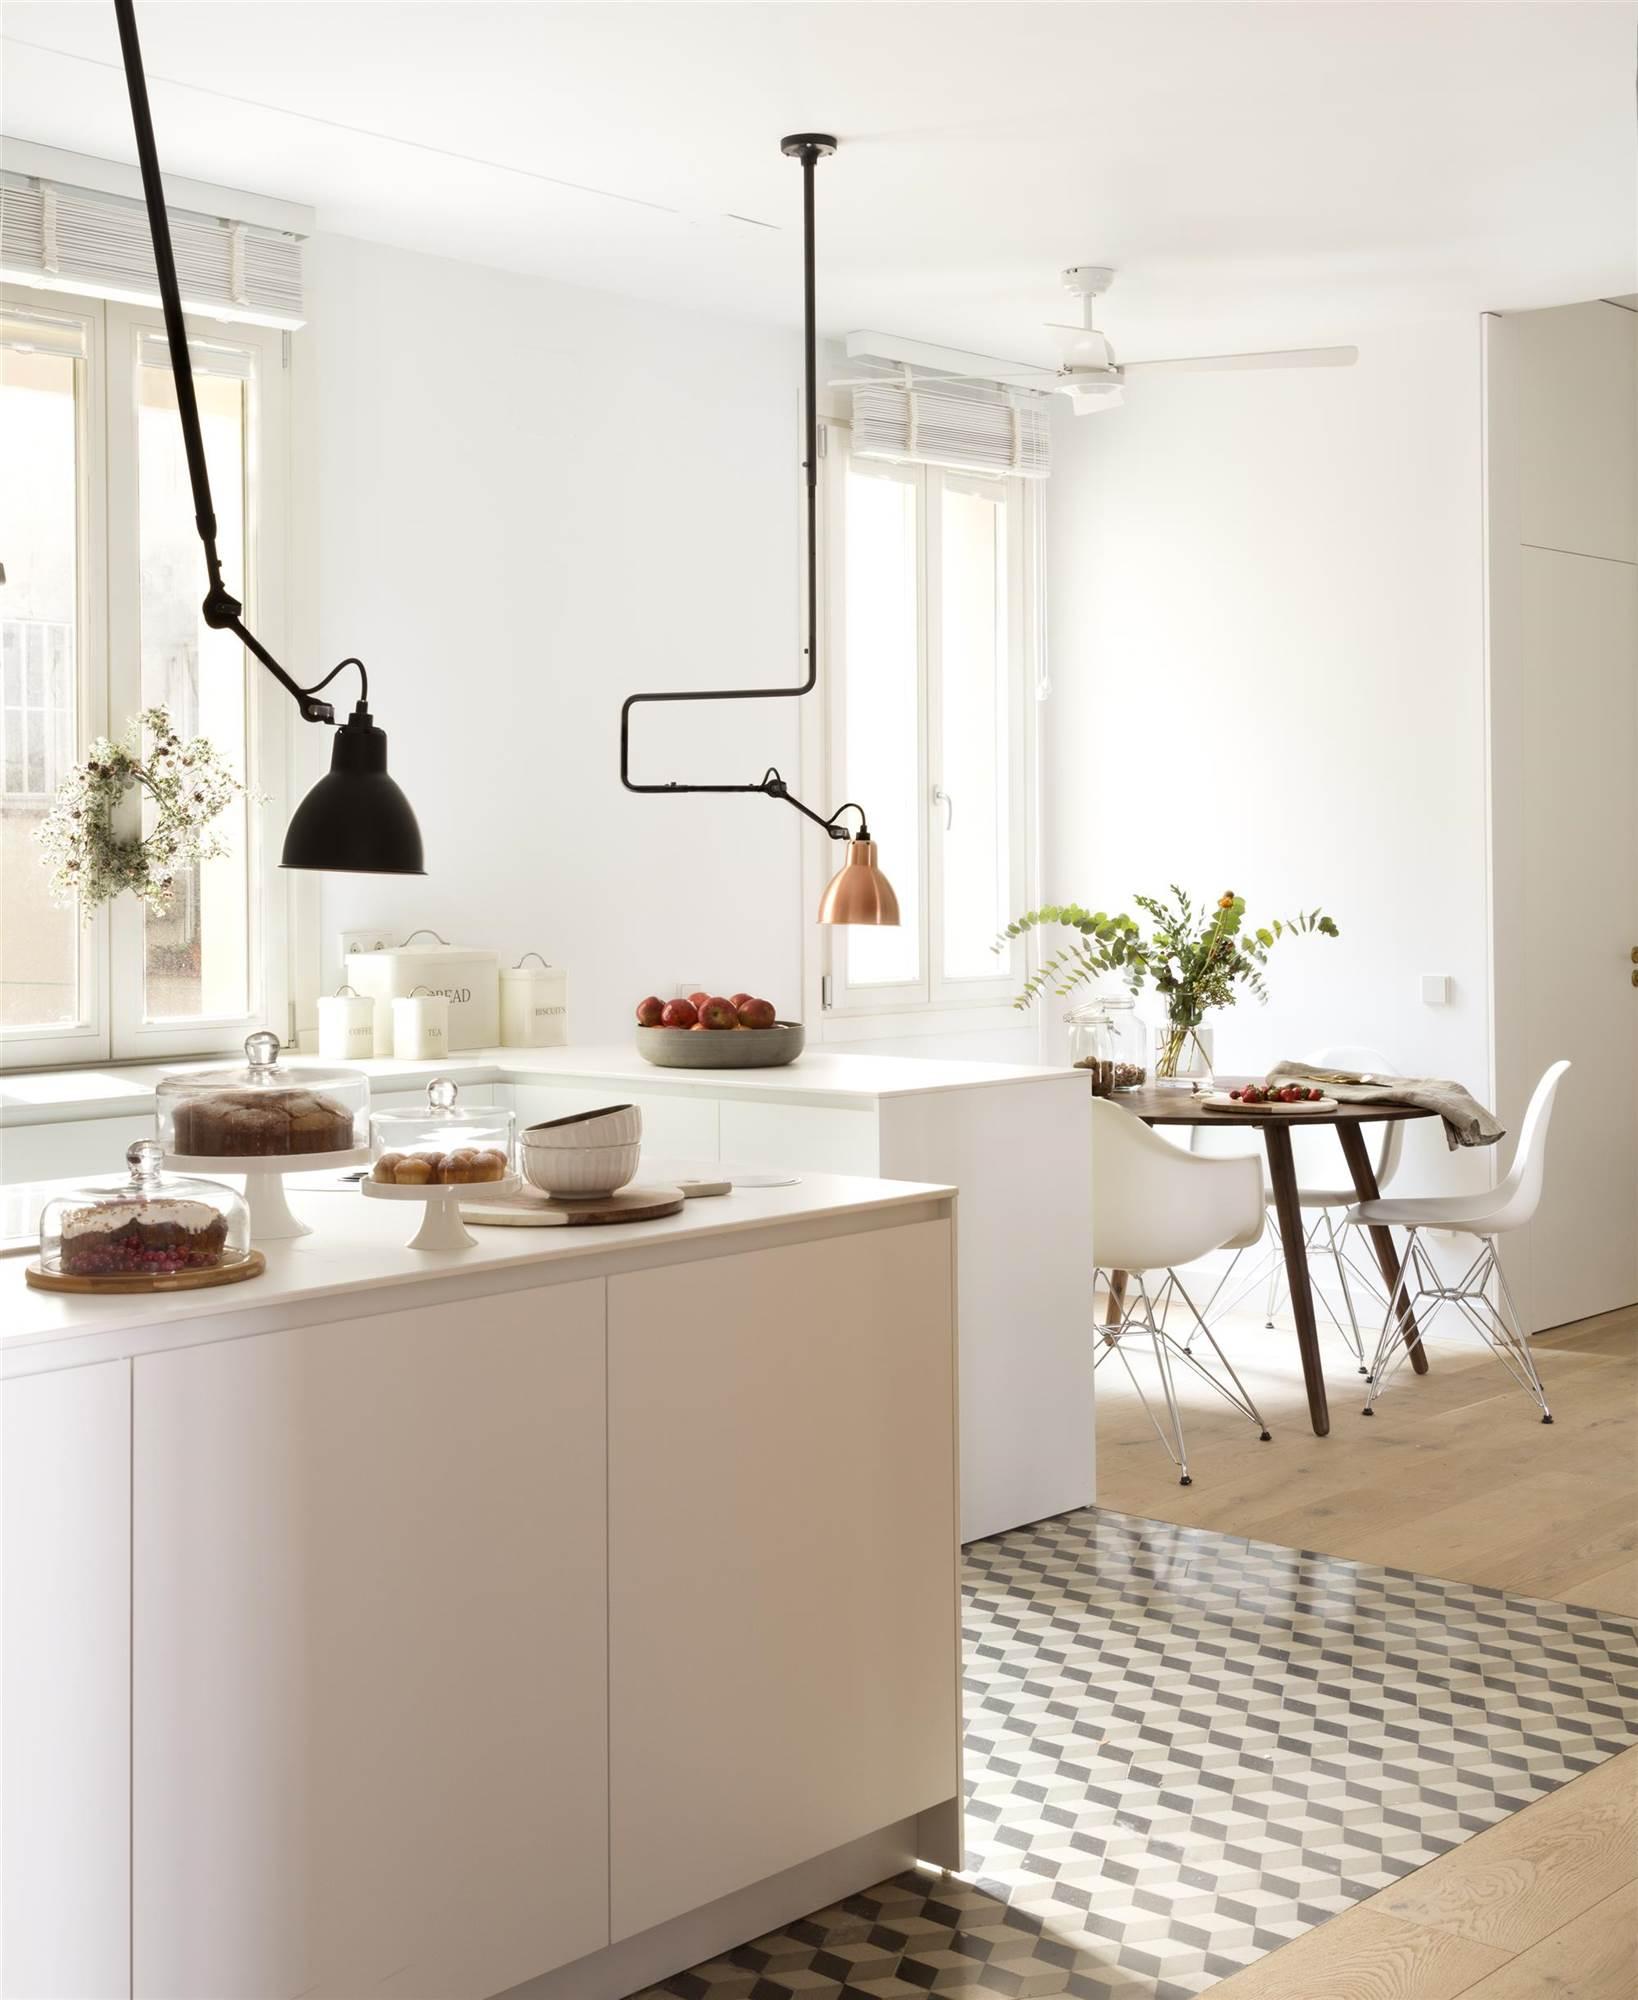 Suelo laminado en cocina good view images suelos laminados cocina with suelo laminado en cocina - Como poner suelo laminado ...